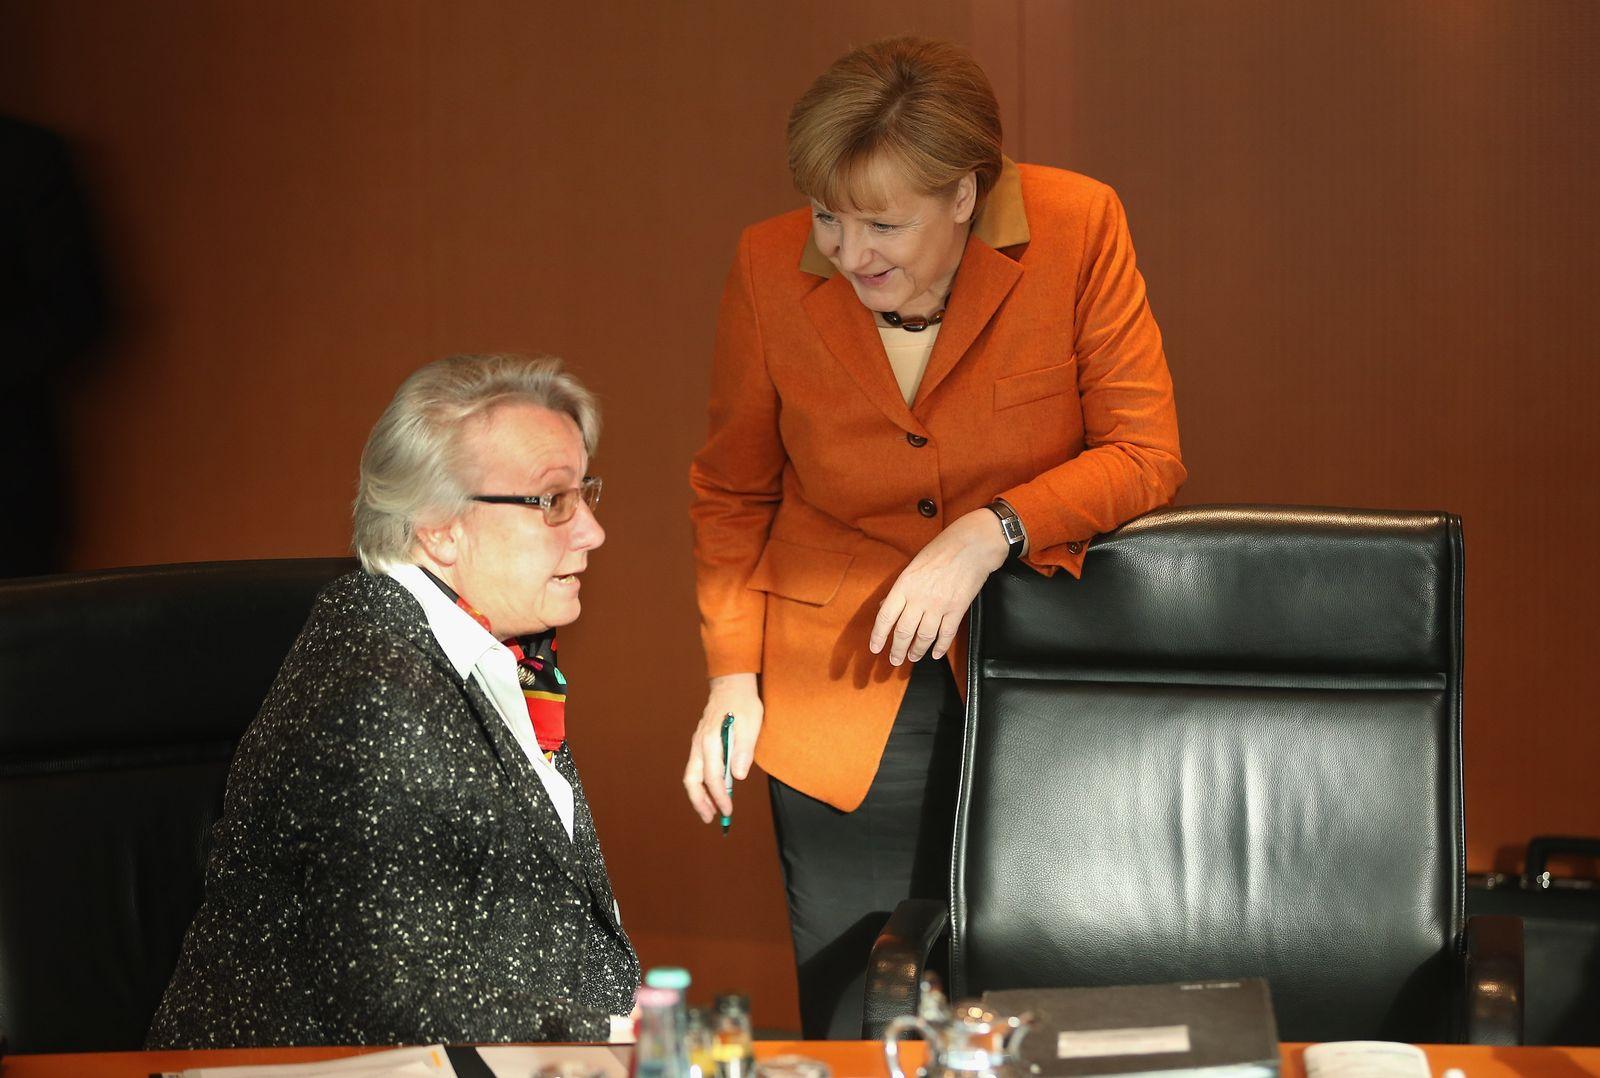 Merkel/ Schavan